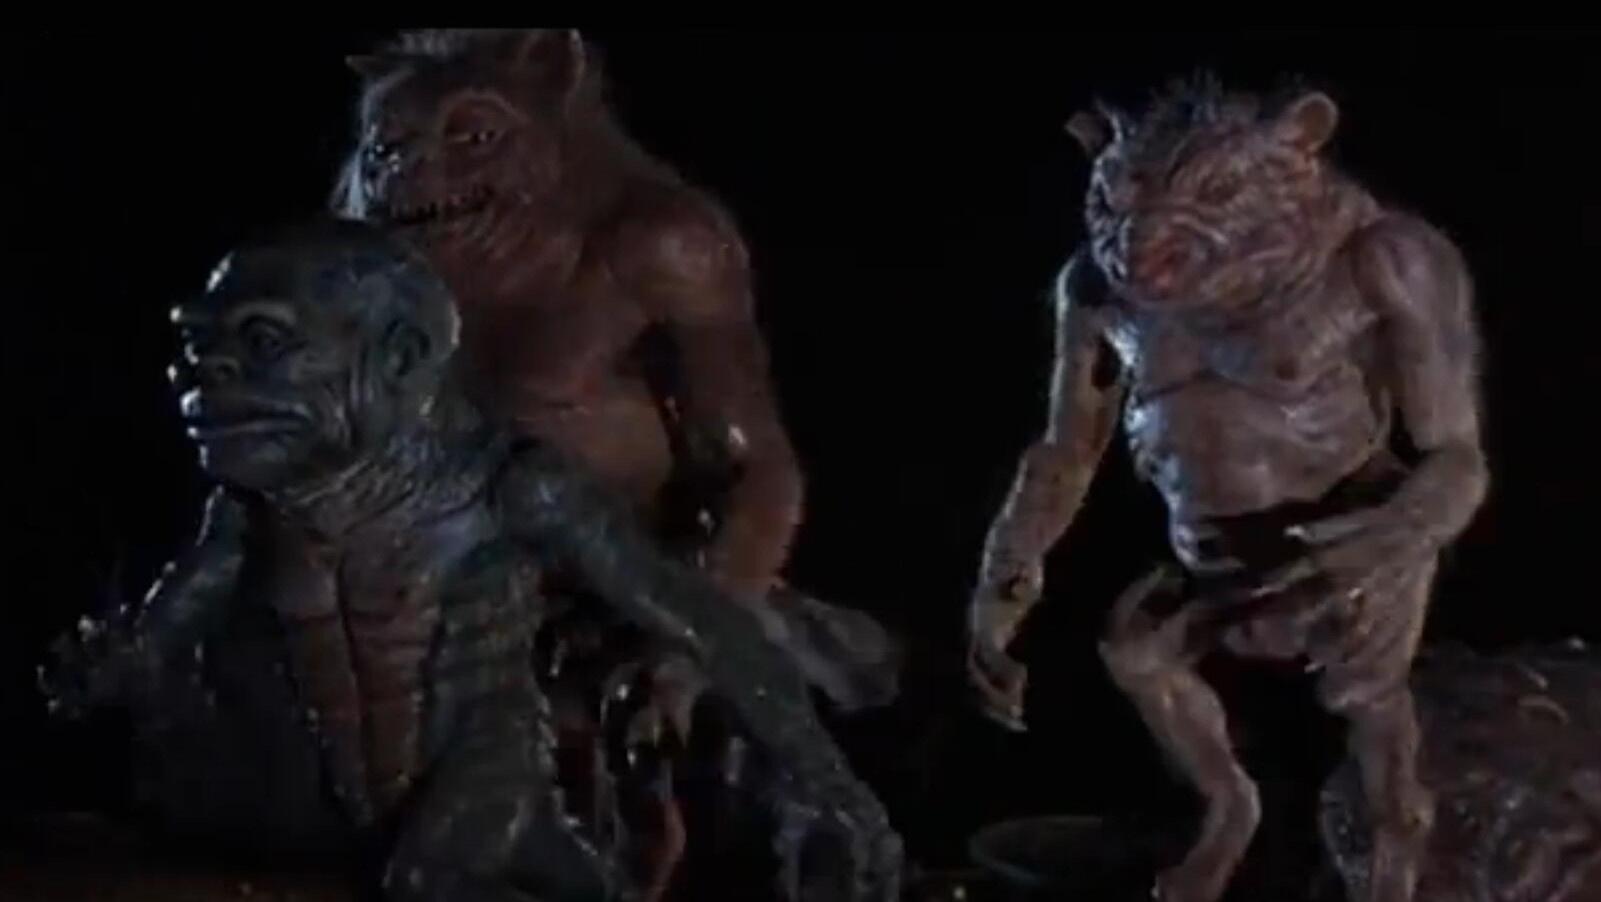 這些要多醜有多醜的傢伙,就是上個世紀美國人樂此不疲的怪物形象